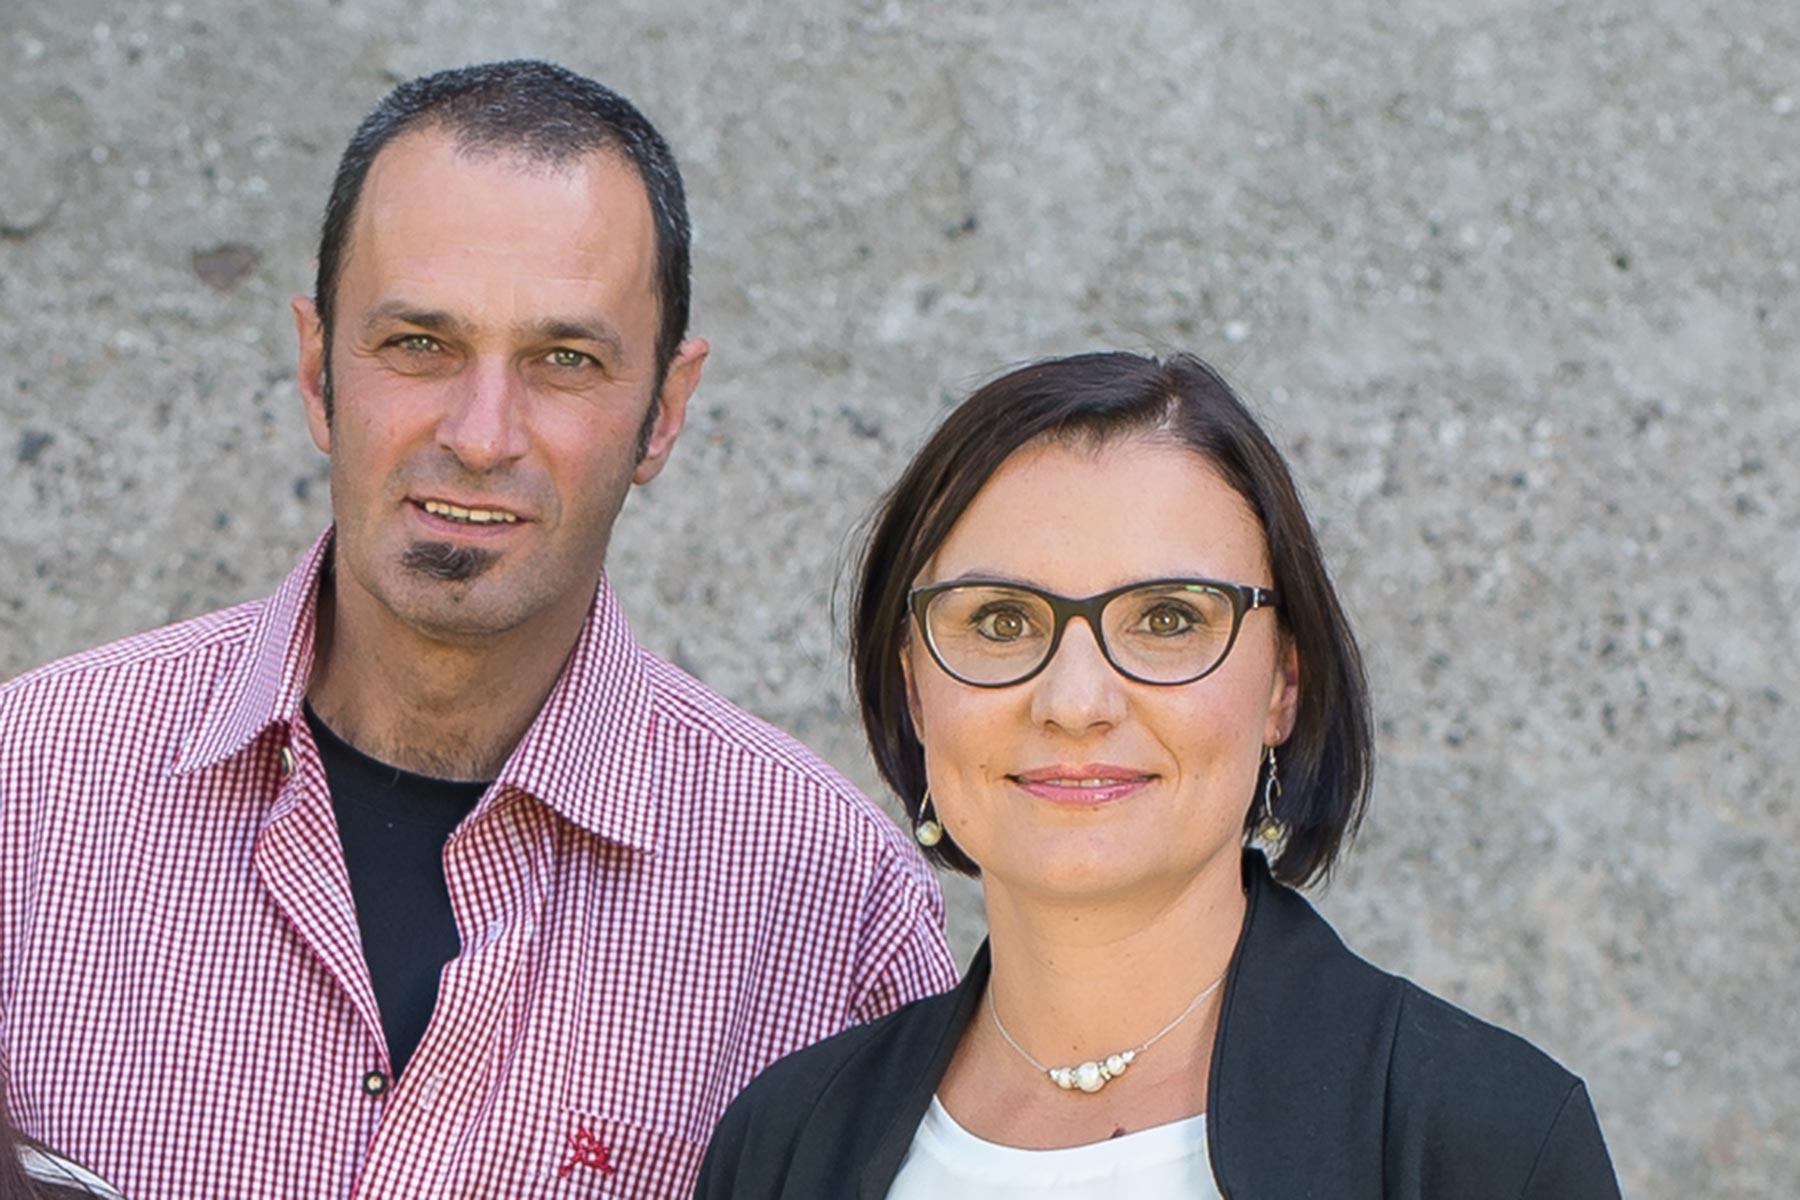 Dörferliste Natz-SchabsVerschwendung von Steuergeldern statt Dialog